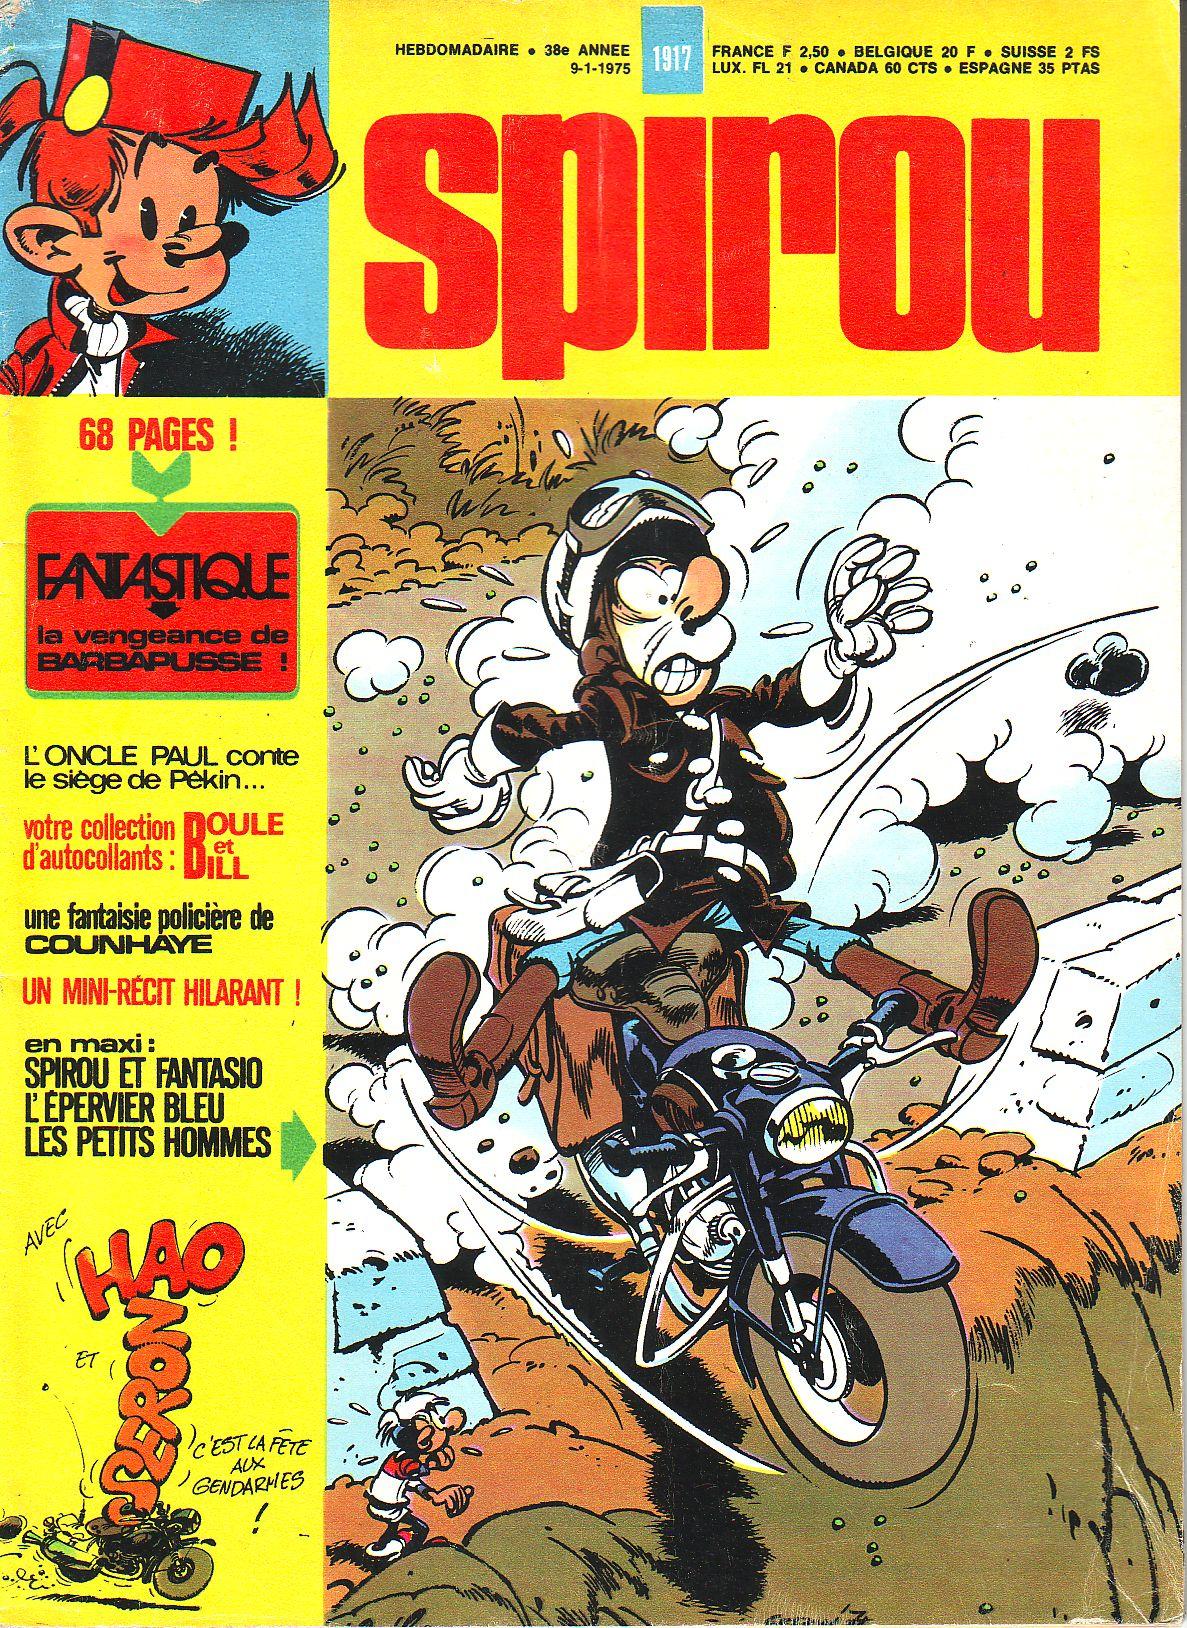 Le journal de Spirou 1917